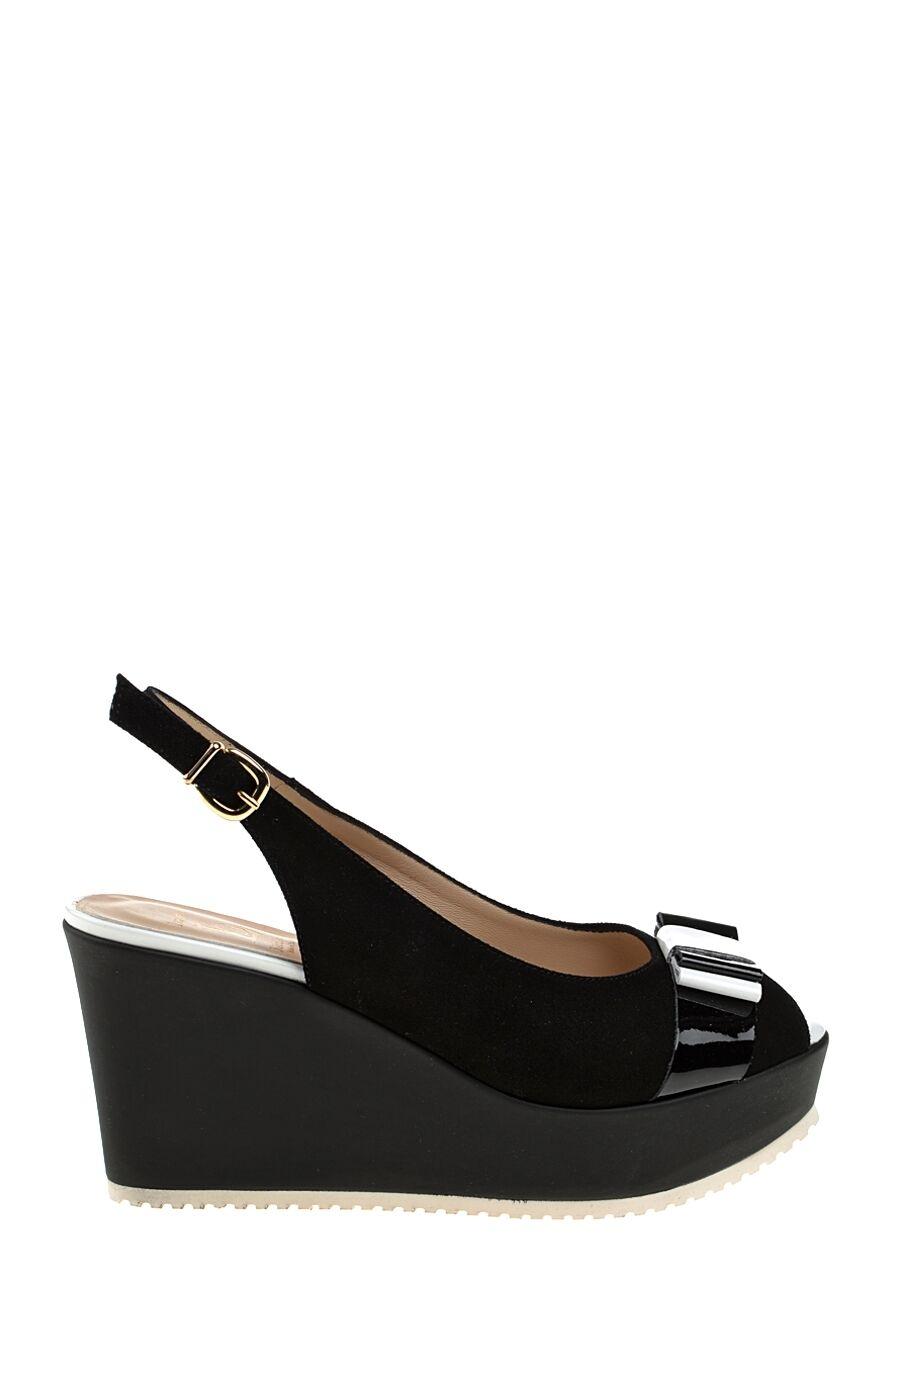 Feta Topuklu Siyah Ayakkabı